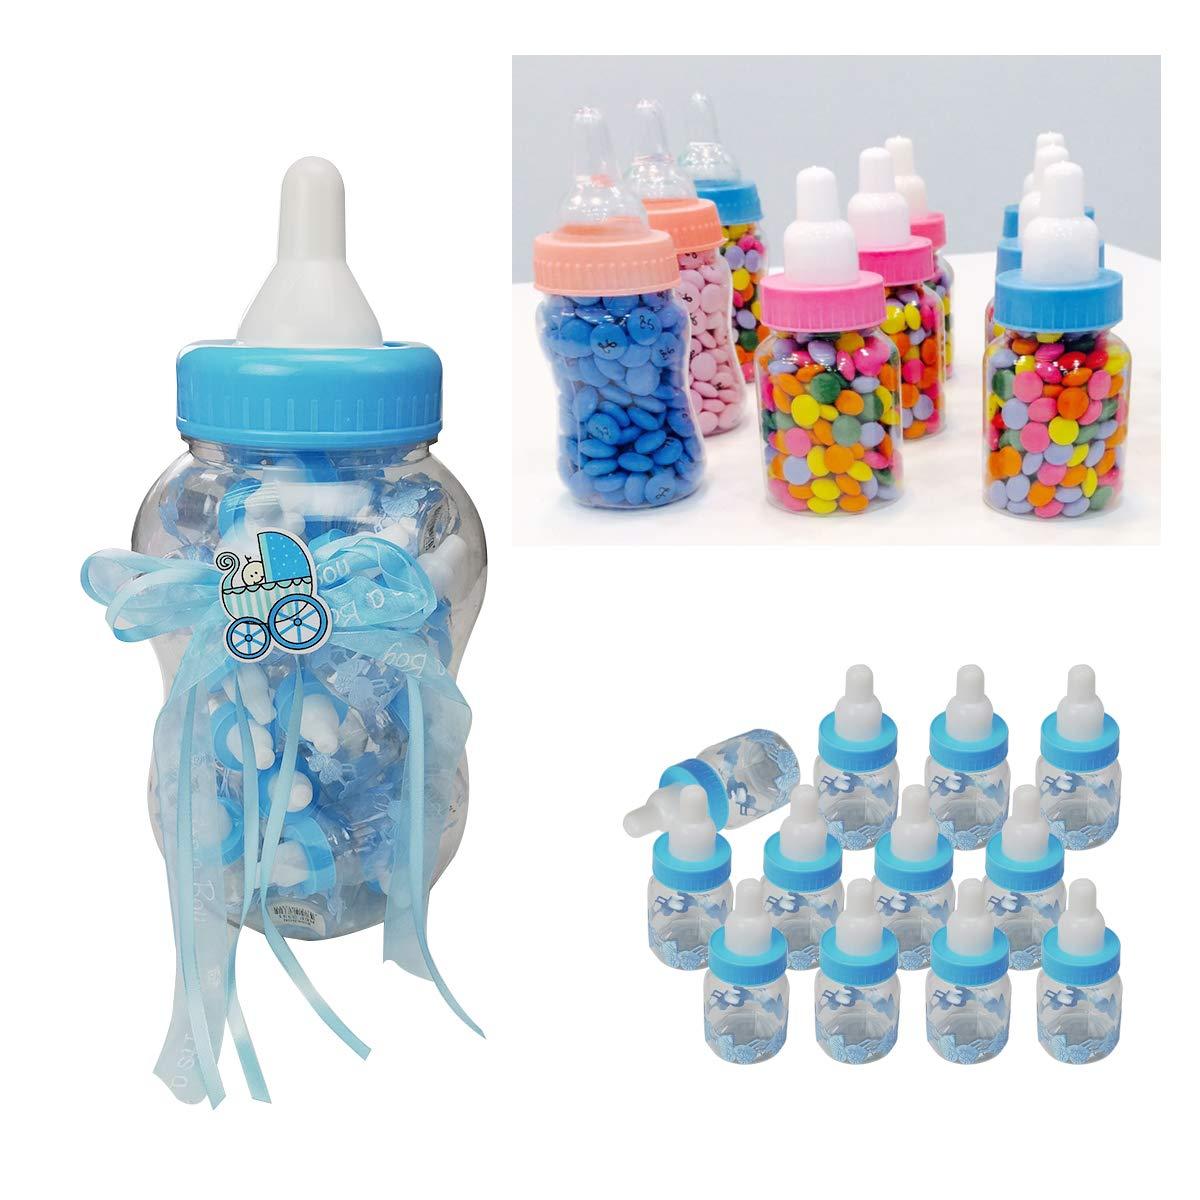 50 piezas biberones botellas regalo de ni/ño,Ideal para bautizo,comunion,cumplea/ños,fiestas,nacimiento,dulces porta dulces confeti regalo-Azul Grande